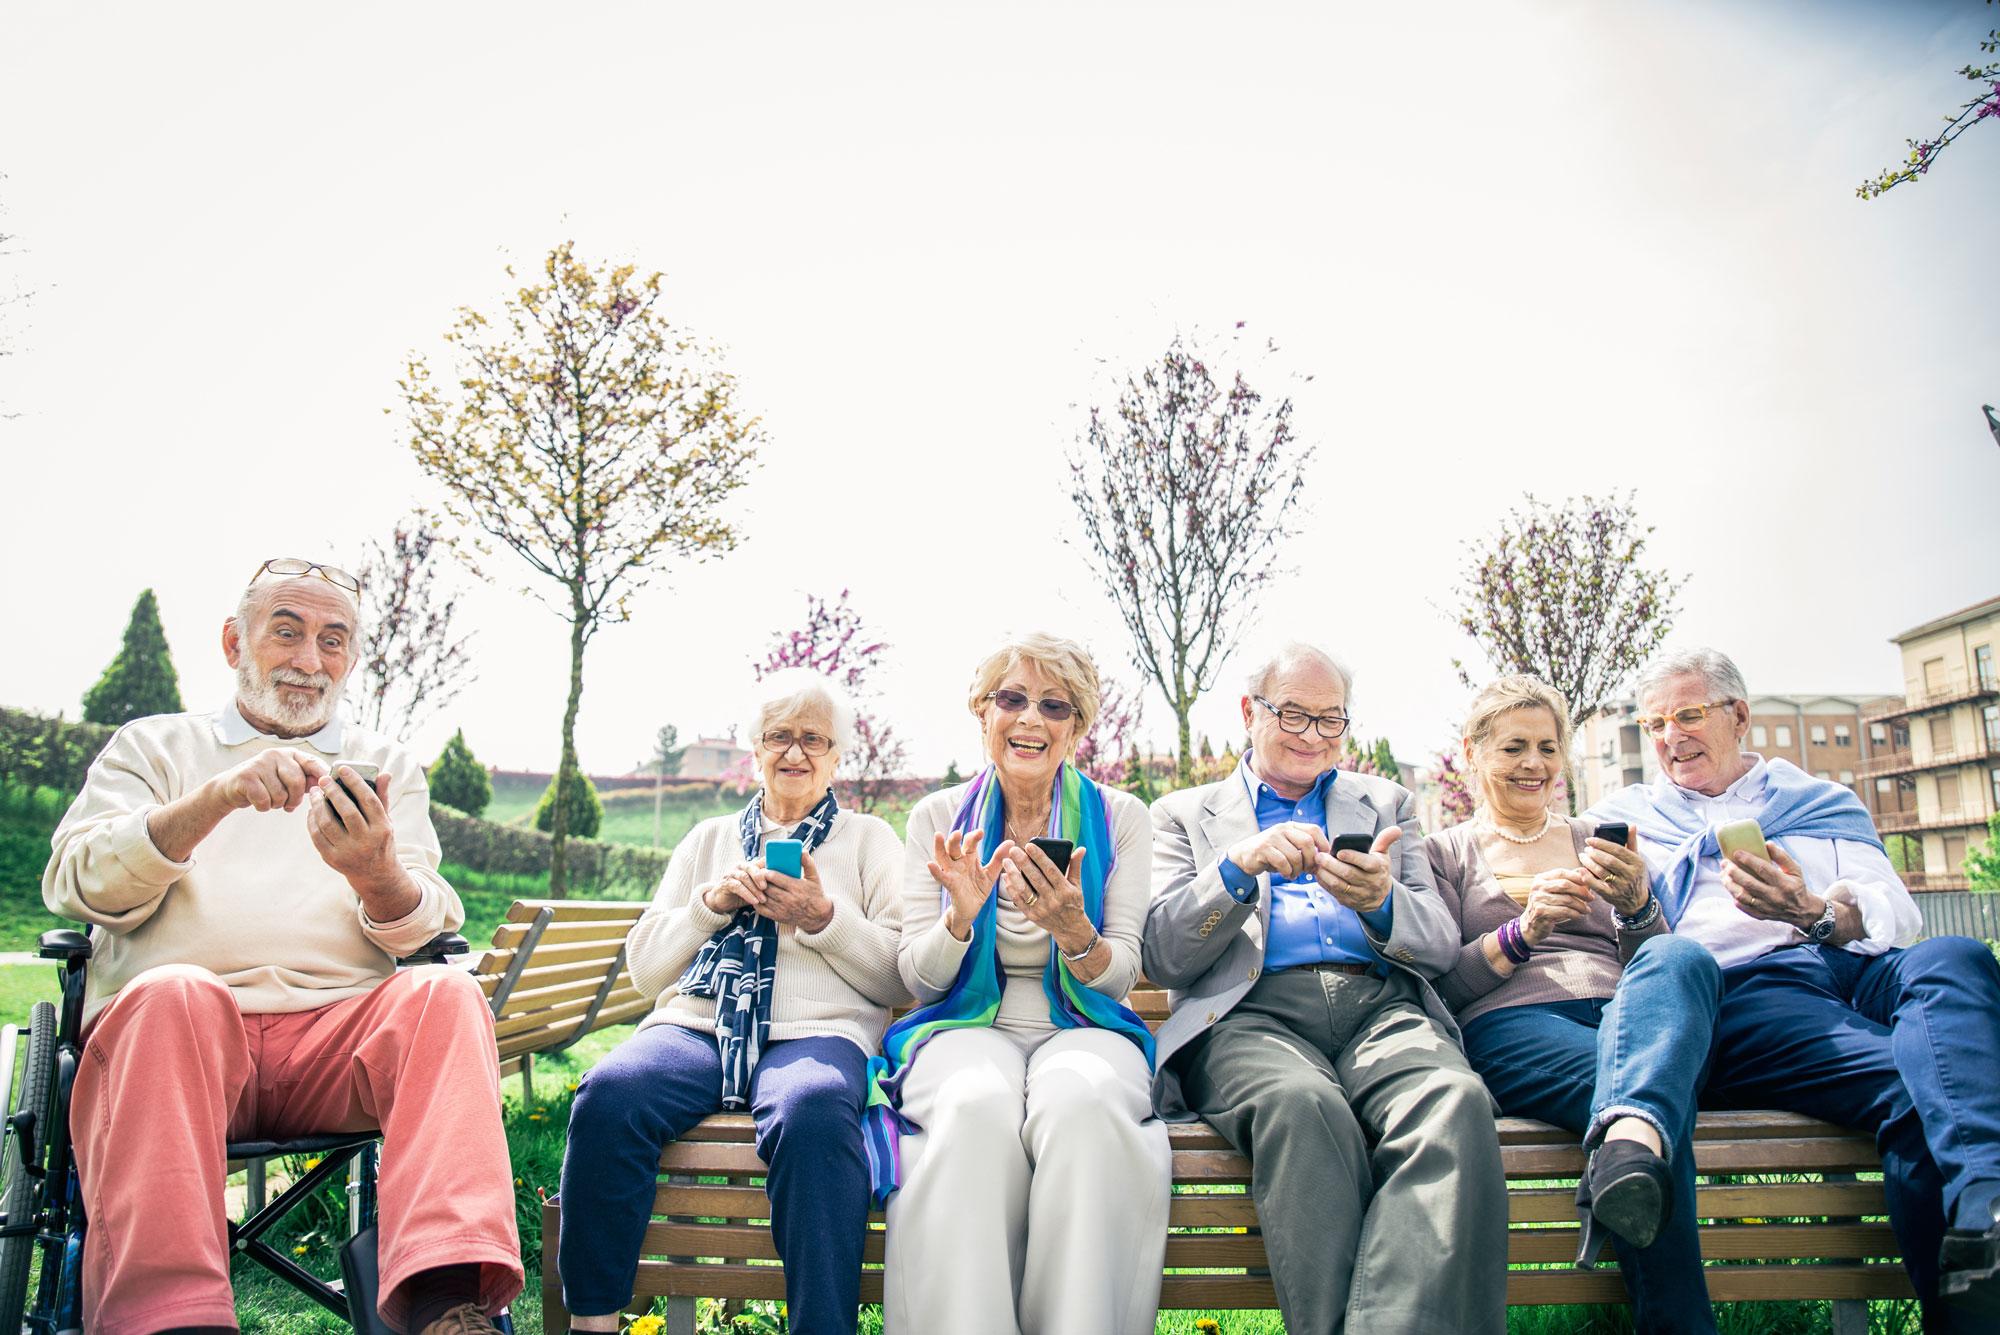 Unbeschwerte Senioren mit Smartphones